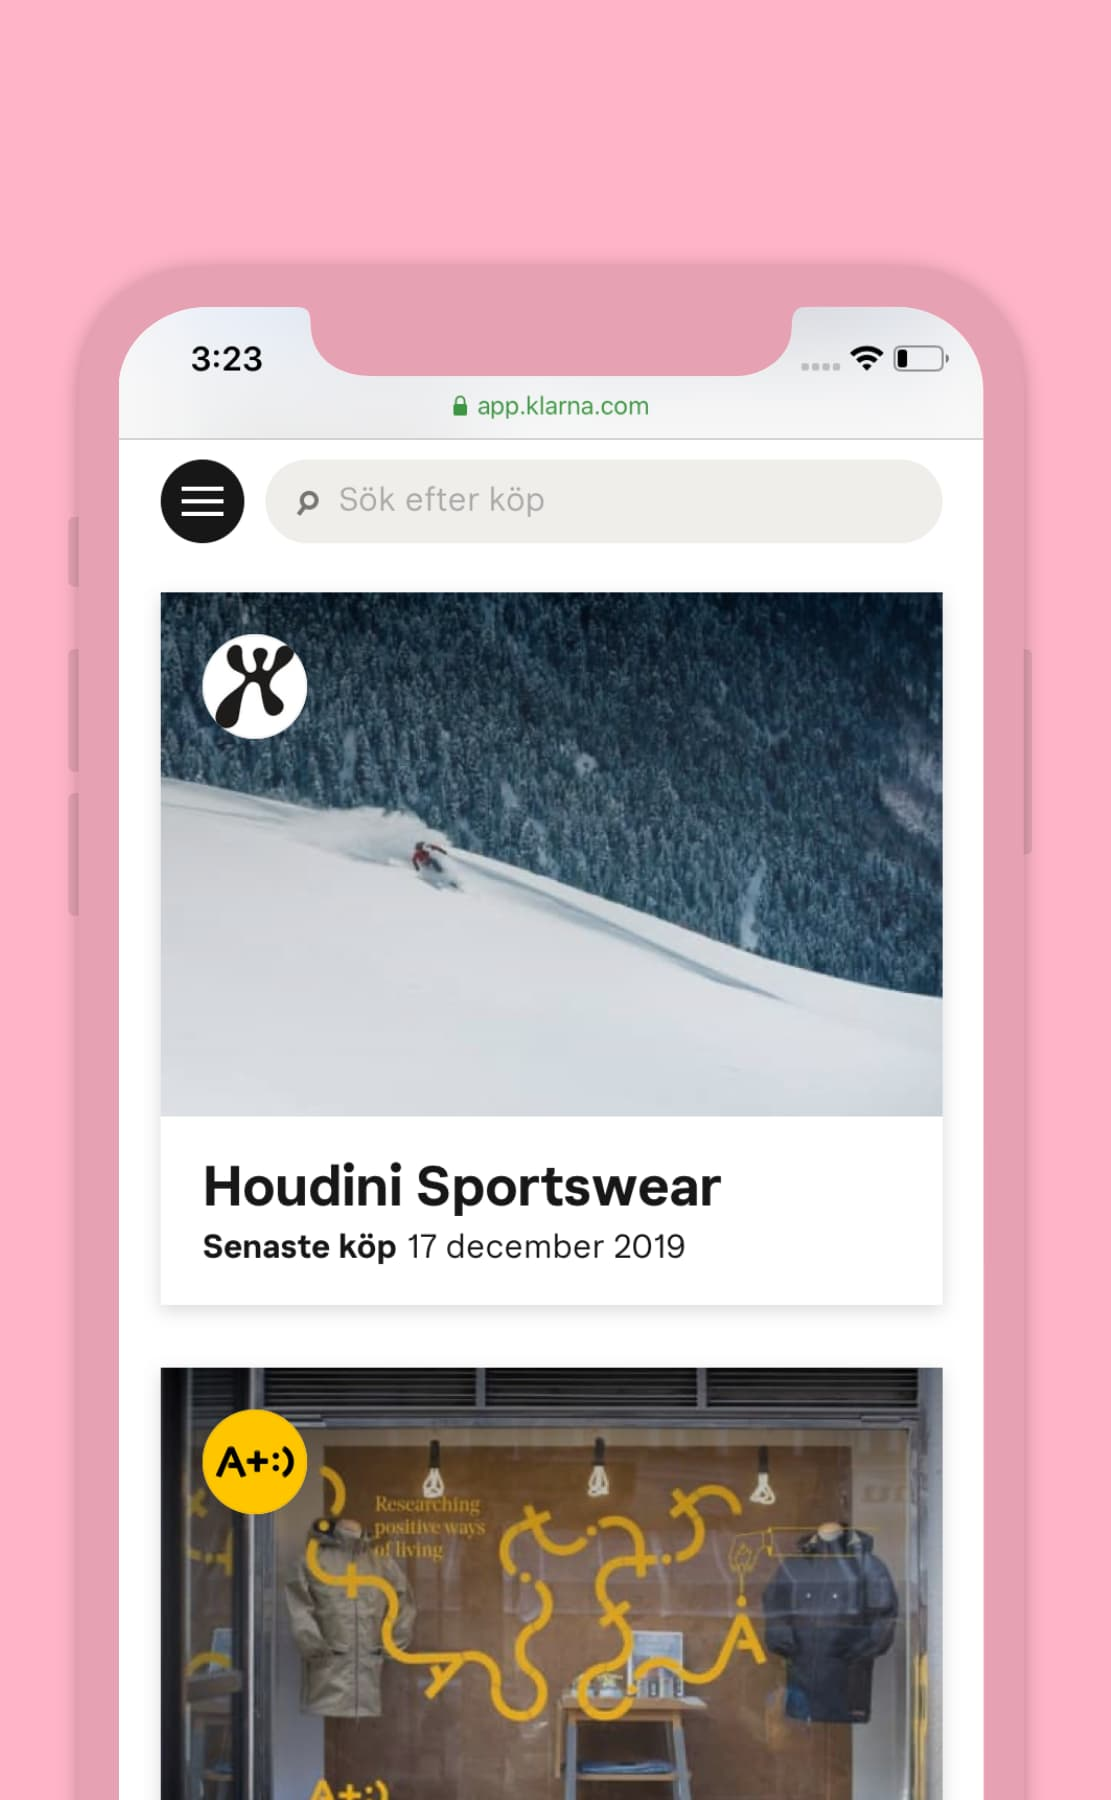 Skärmdump som visar delar av Klarnas applikation på mobil. Klarnas kunder har fått logotyp och fina foton som bakgrund.